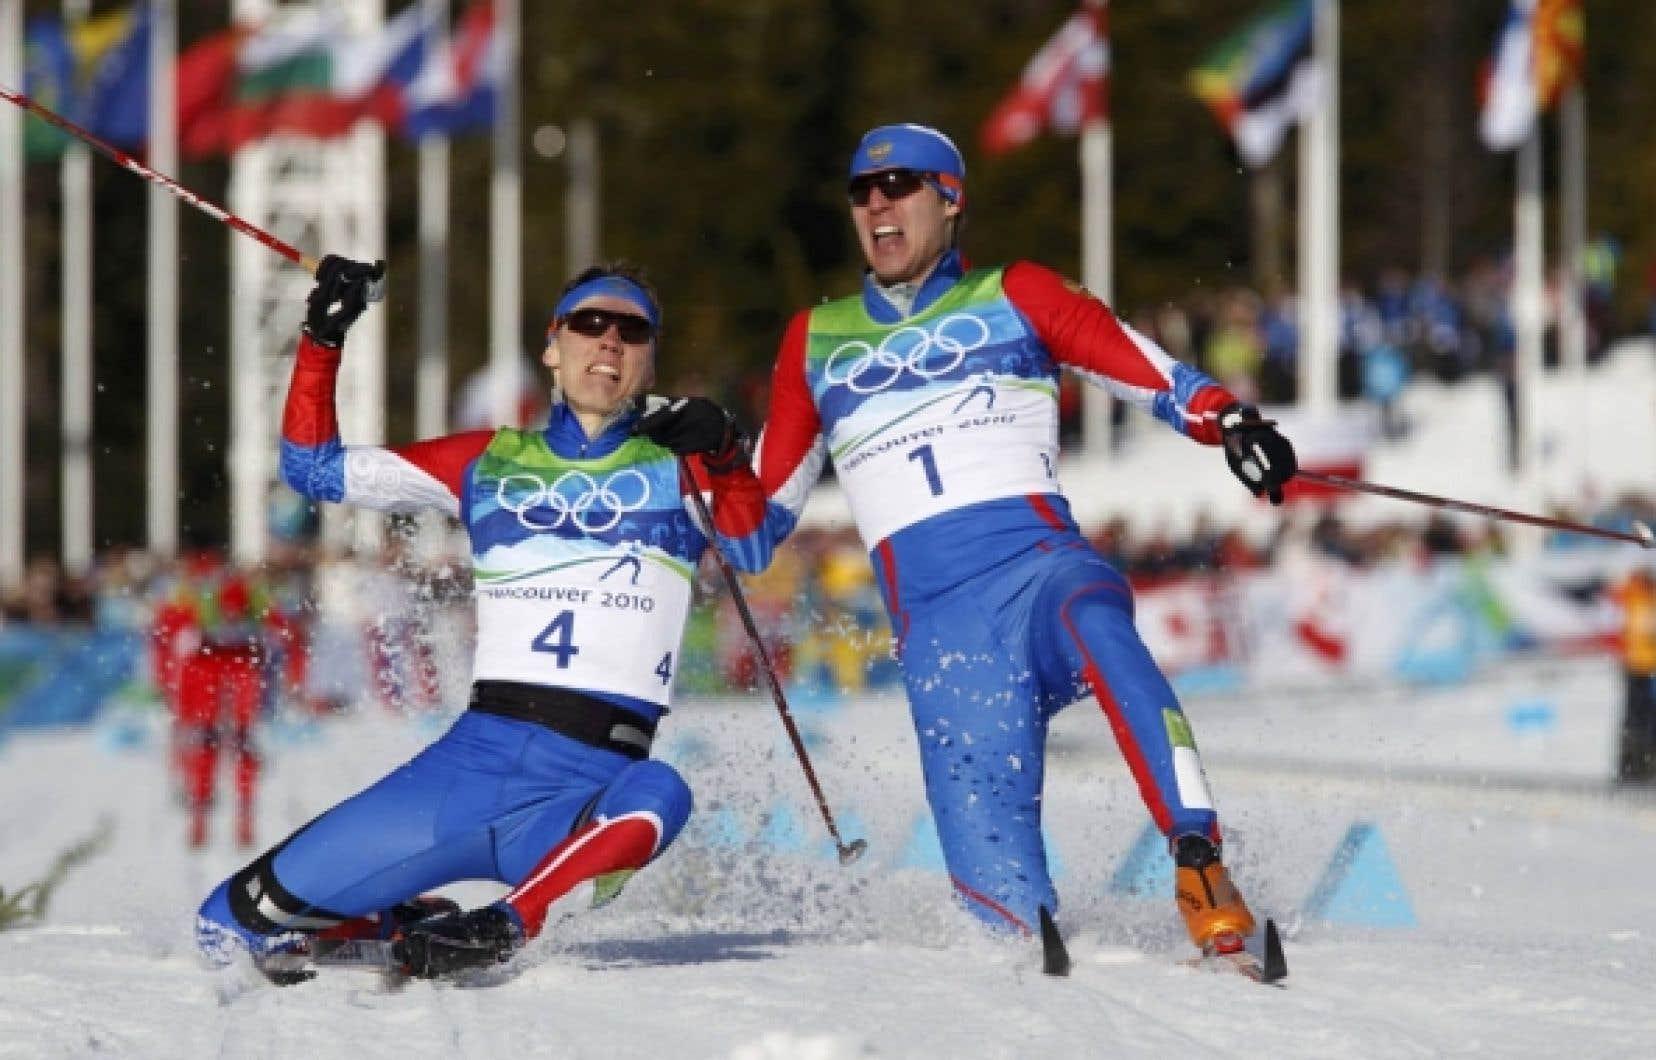 Le Russe Nikita Kriukov (à gauche) a devancé au fil d'arrivée  son compatriote Alexander Panzhinskiy en étirant la jambe pour remporter l'or.